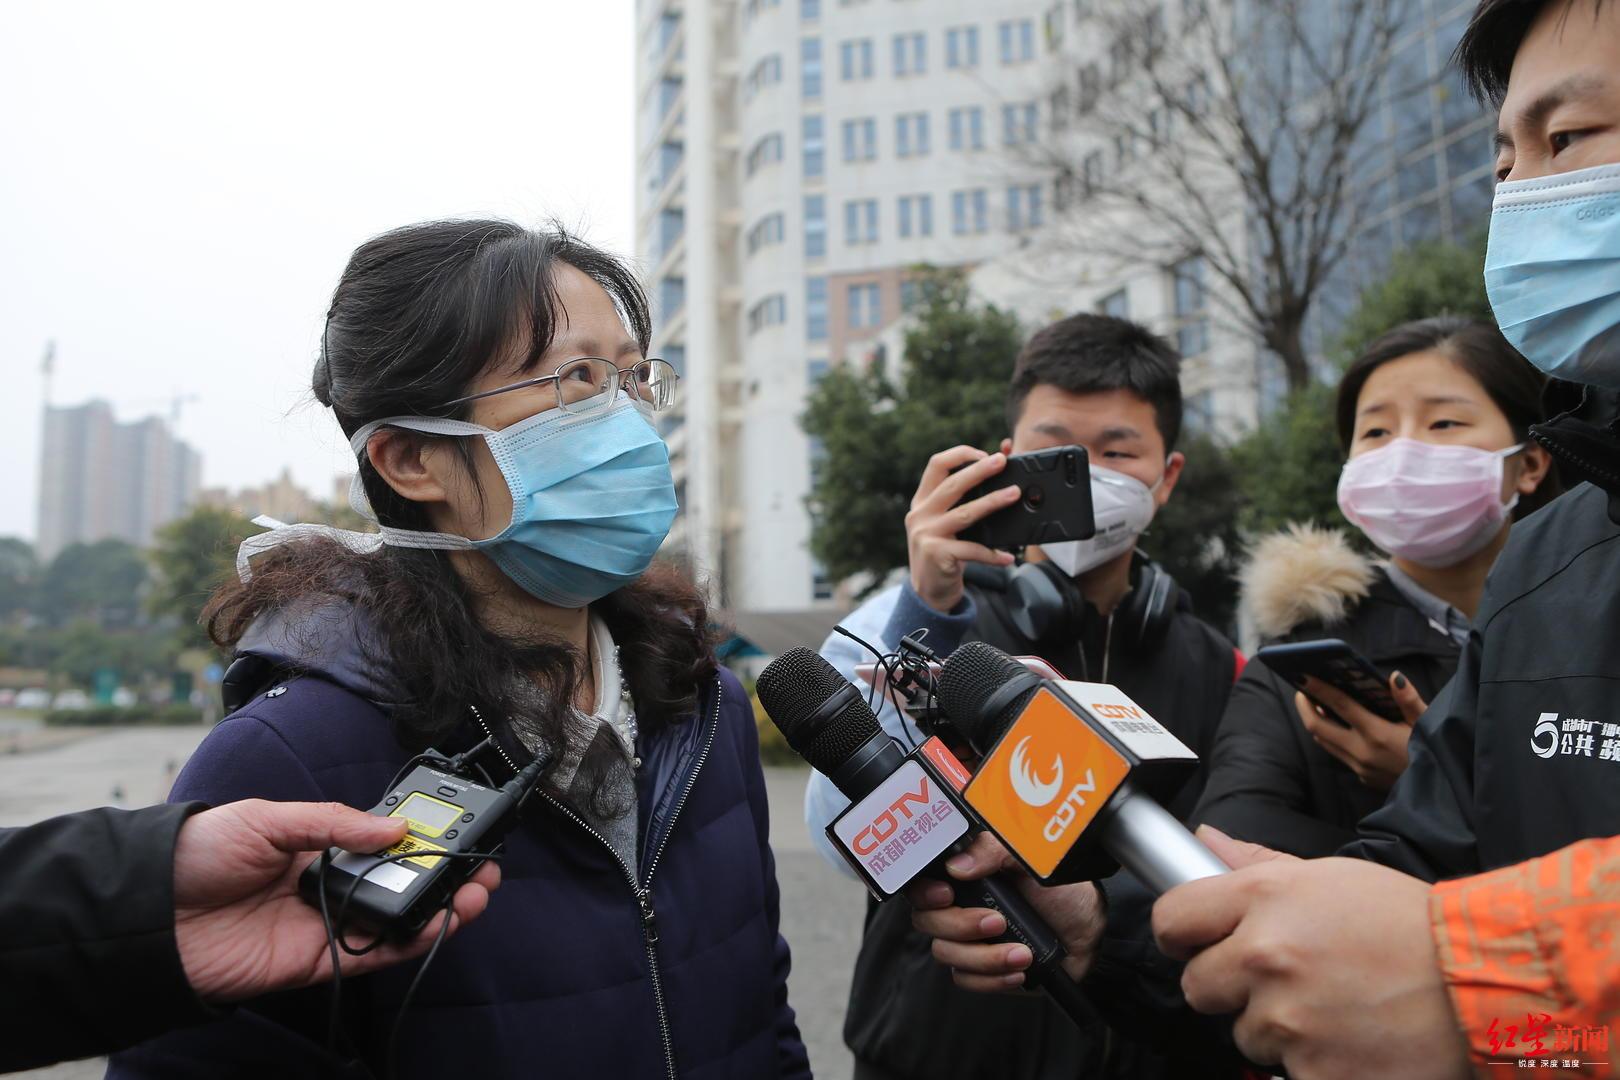 四川首例新型冠状病毒感染的肺炎病例治愈